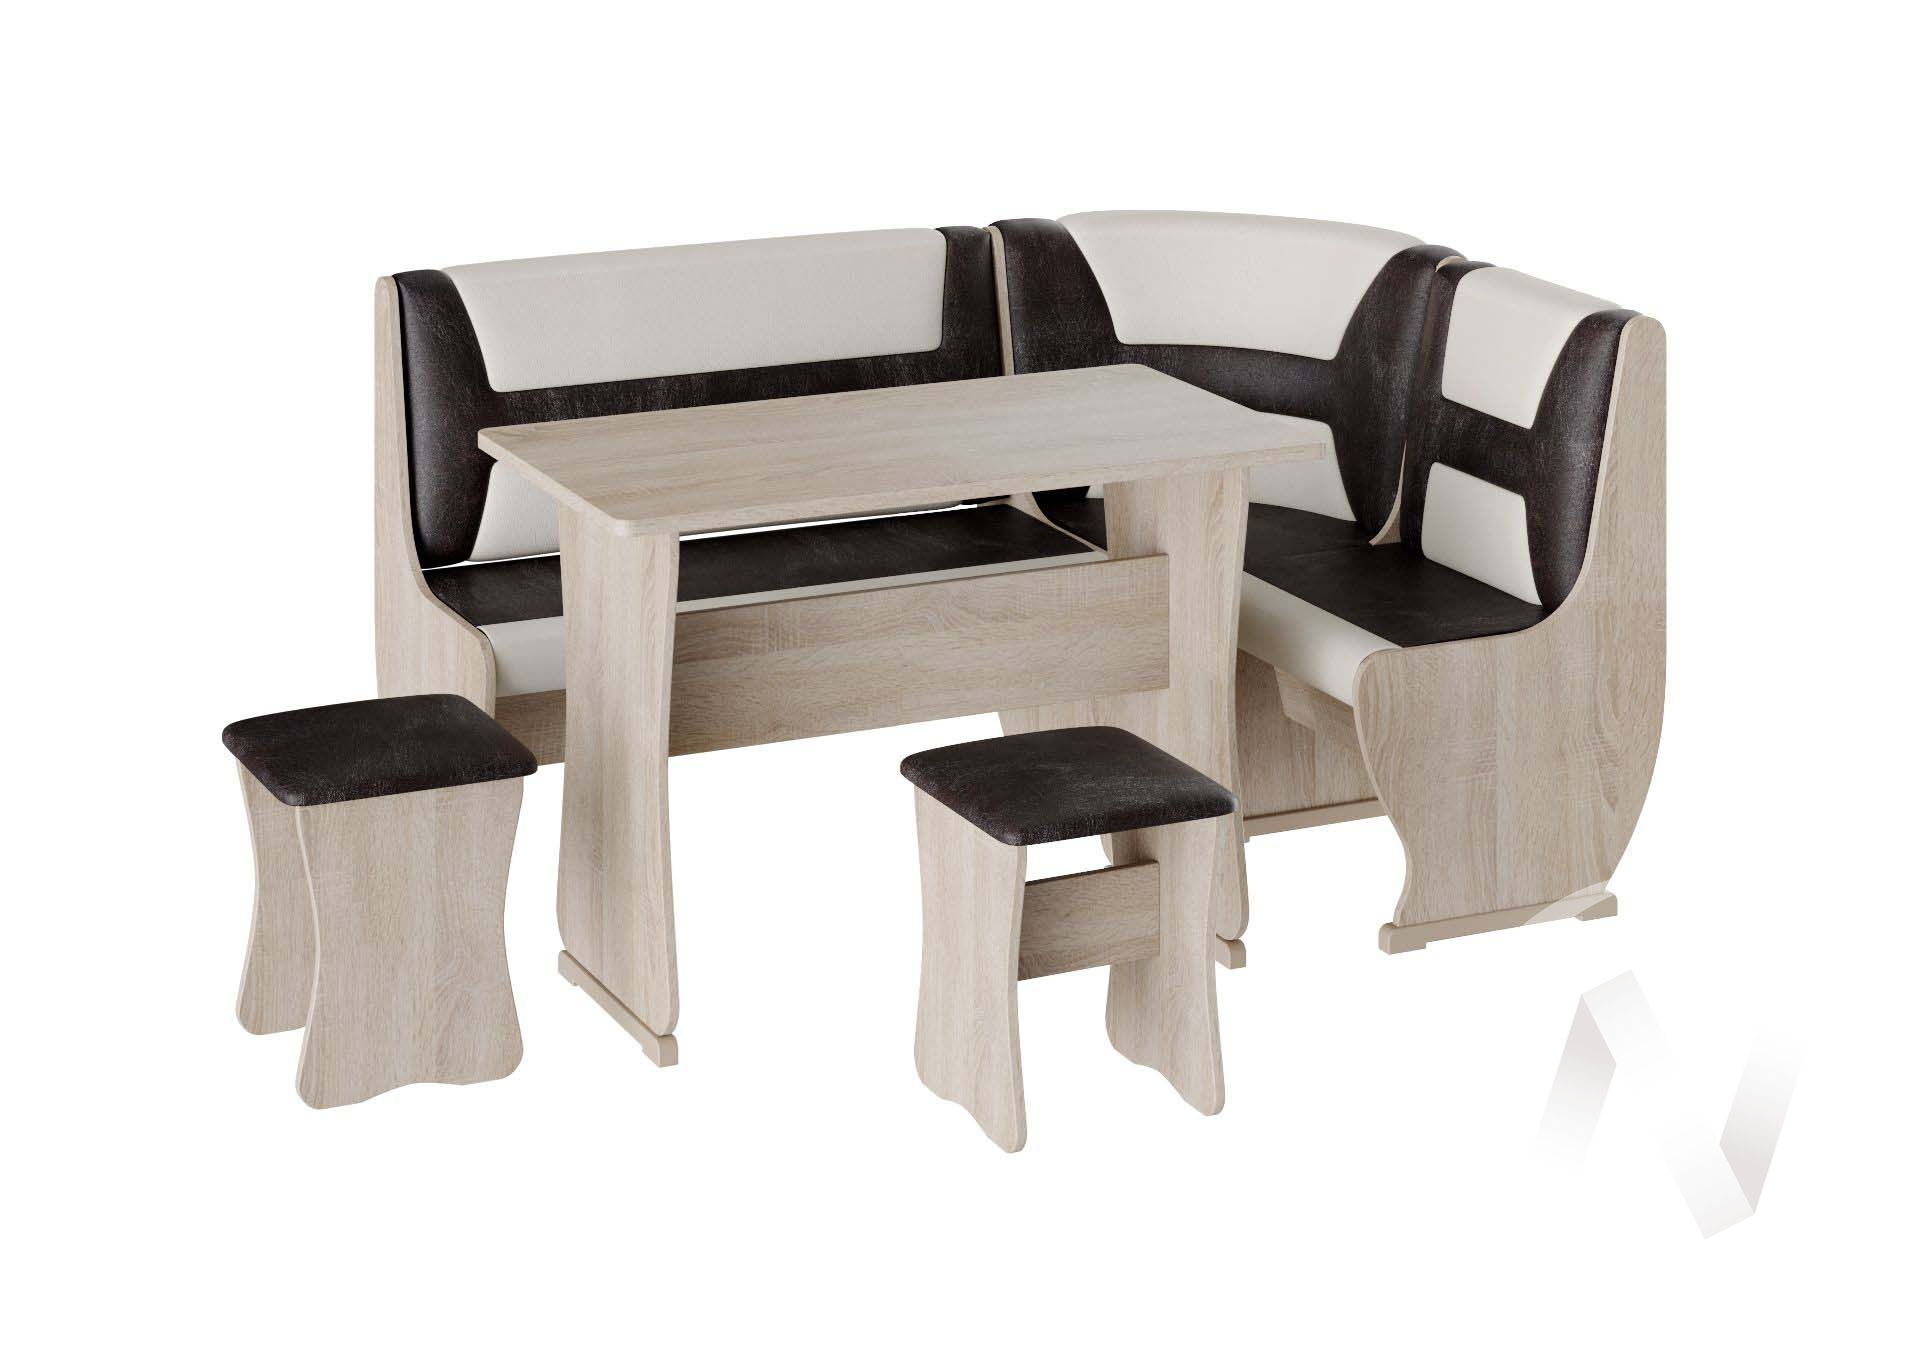 Кухонный уголок Уют 3 универсал кожзам (дуб сонома/шоколад,бежевый)  в Томске — интернет магазин МИРА-мебель